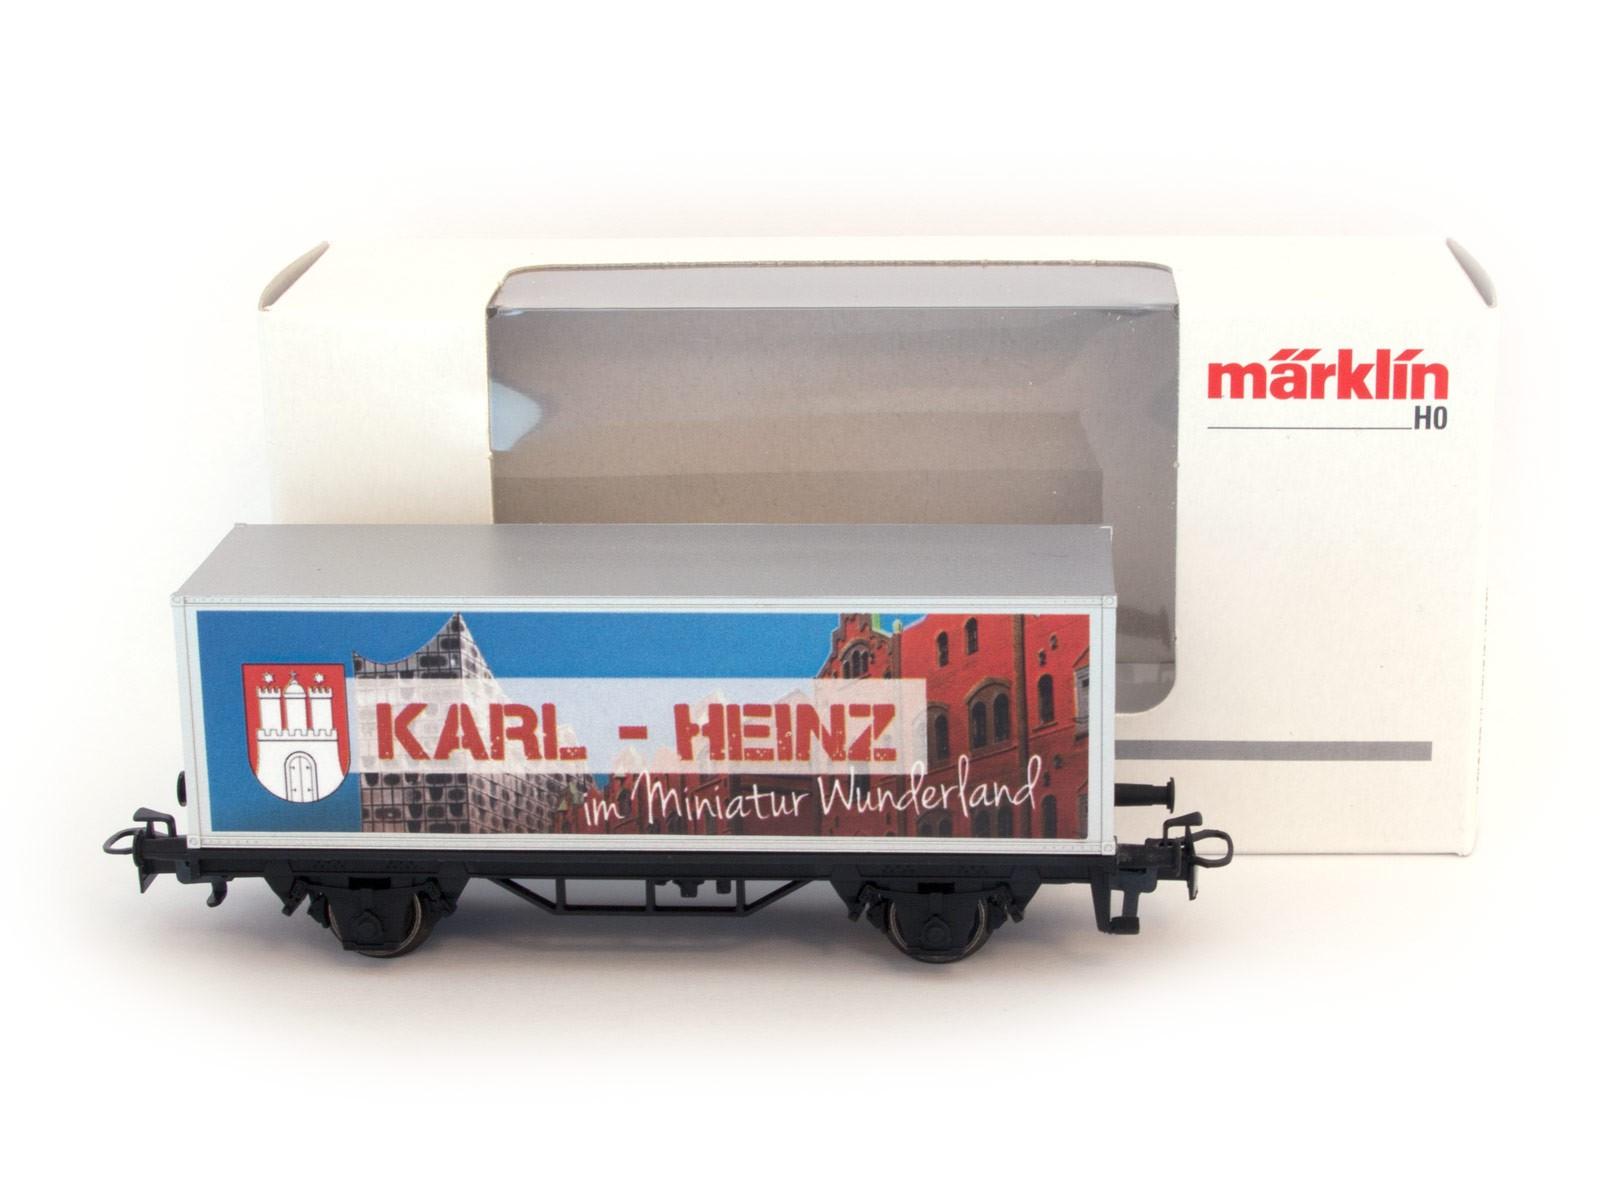 Miniatur Wunderland / Märklin H0 Sonderwaggon mit Namen männlich L-Z